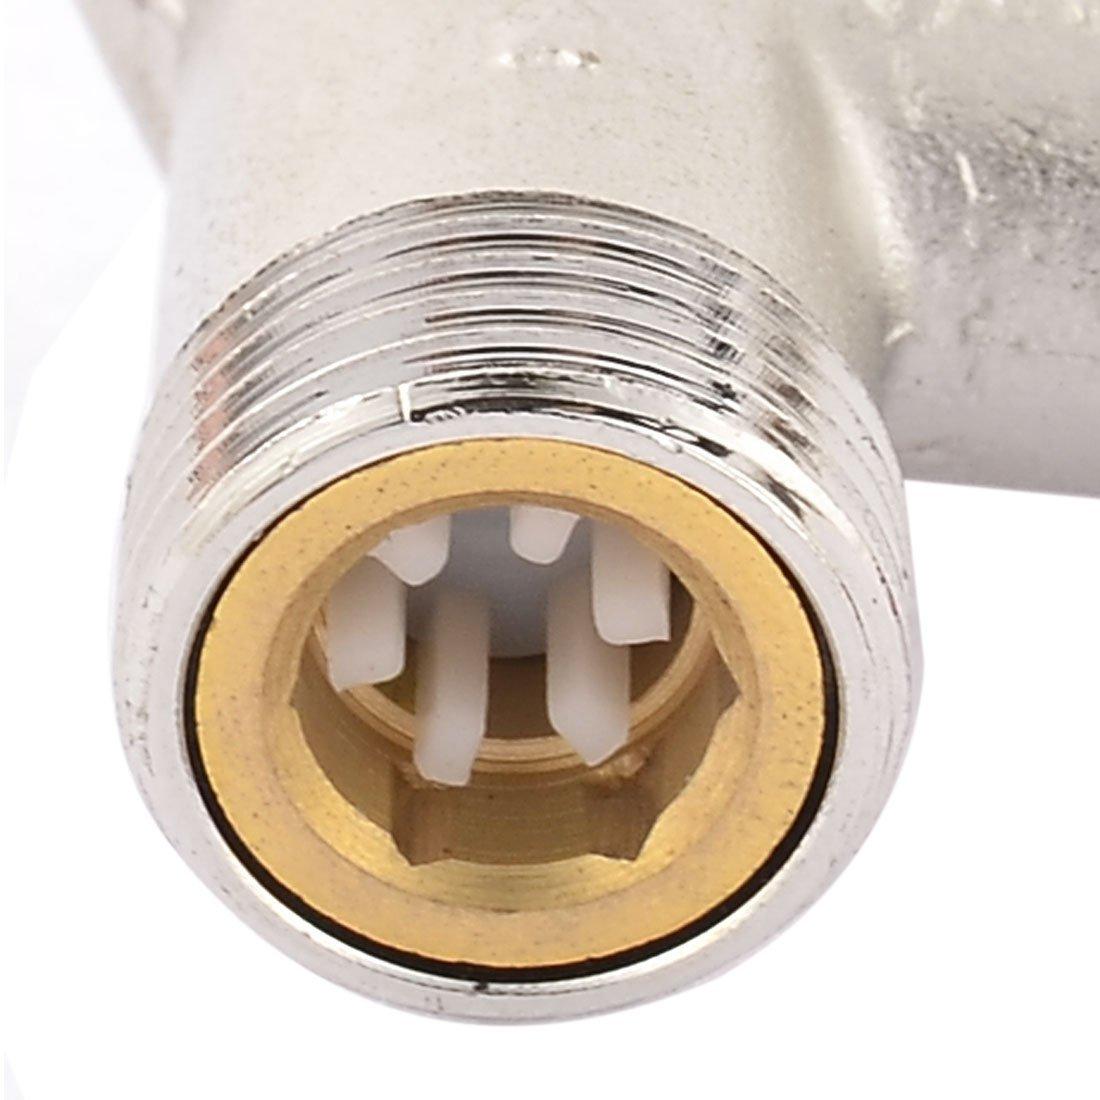 De descompresión eDealMax Metal calentador de agua eléctrico a comprobar la calidad de la válvula 0.75Mpa: Amazon.com: Industrial & Scientific